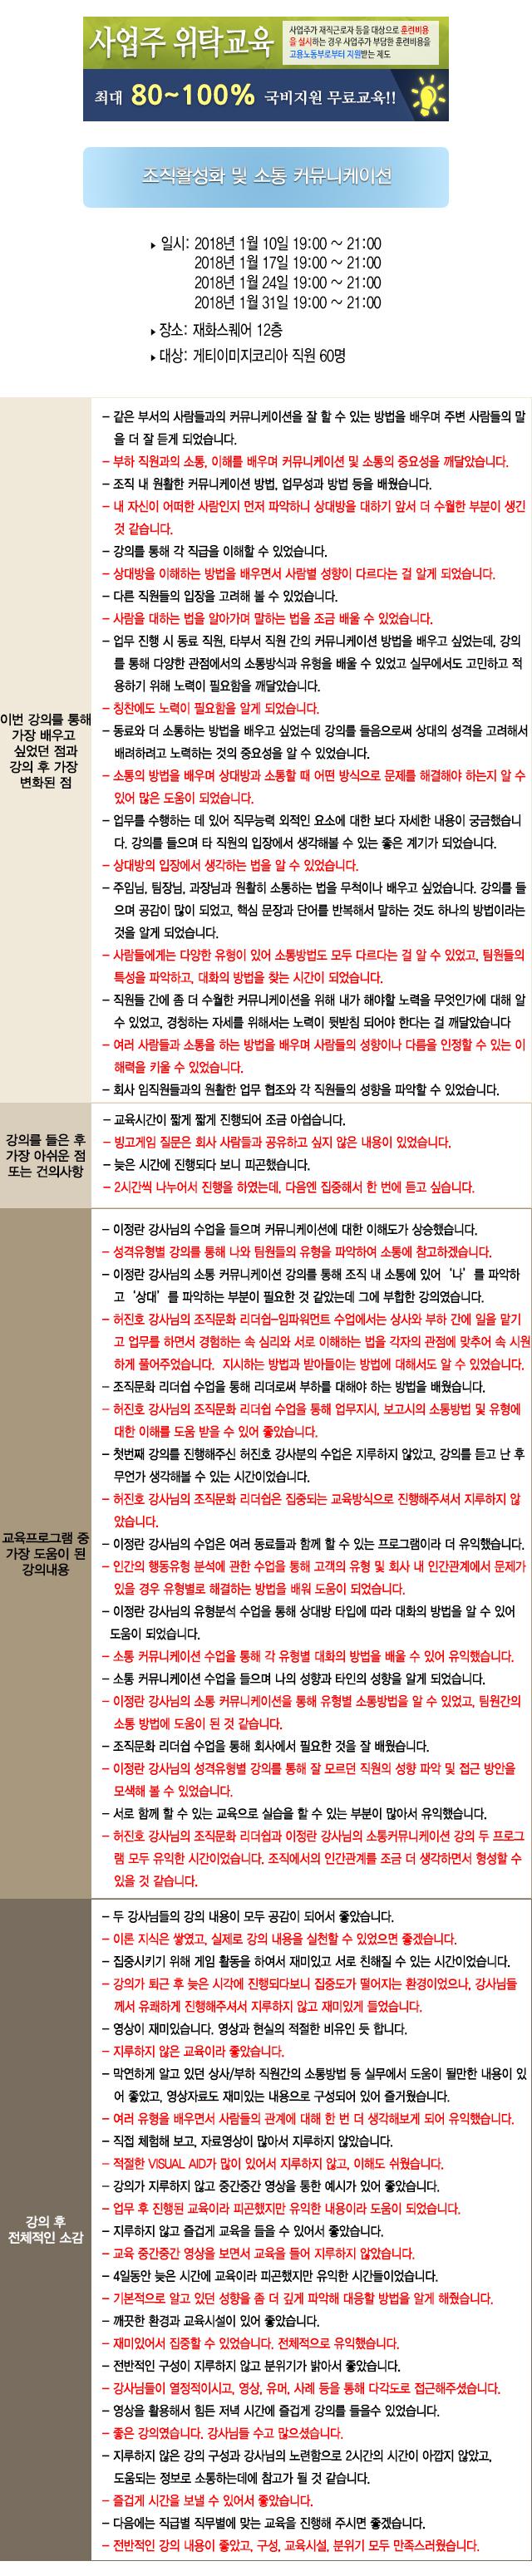 한국중앙인재개발원 후기 게티이미지코리아.jpg